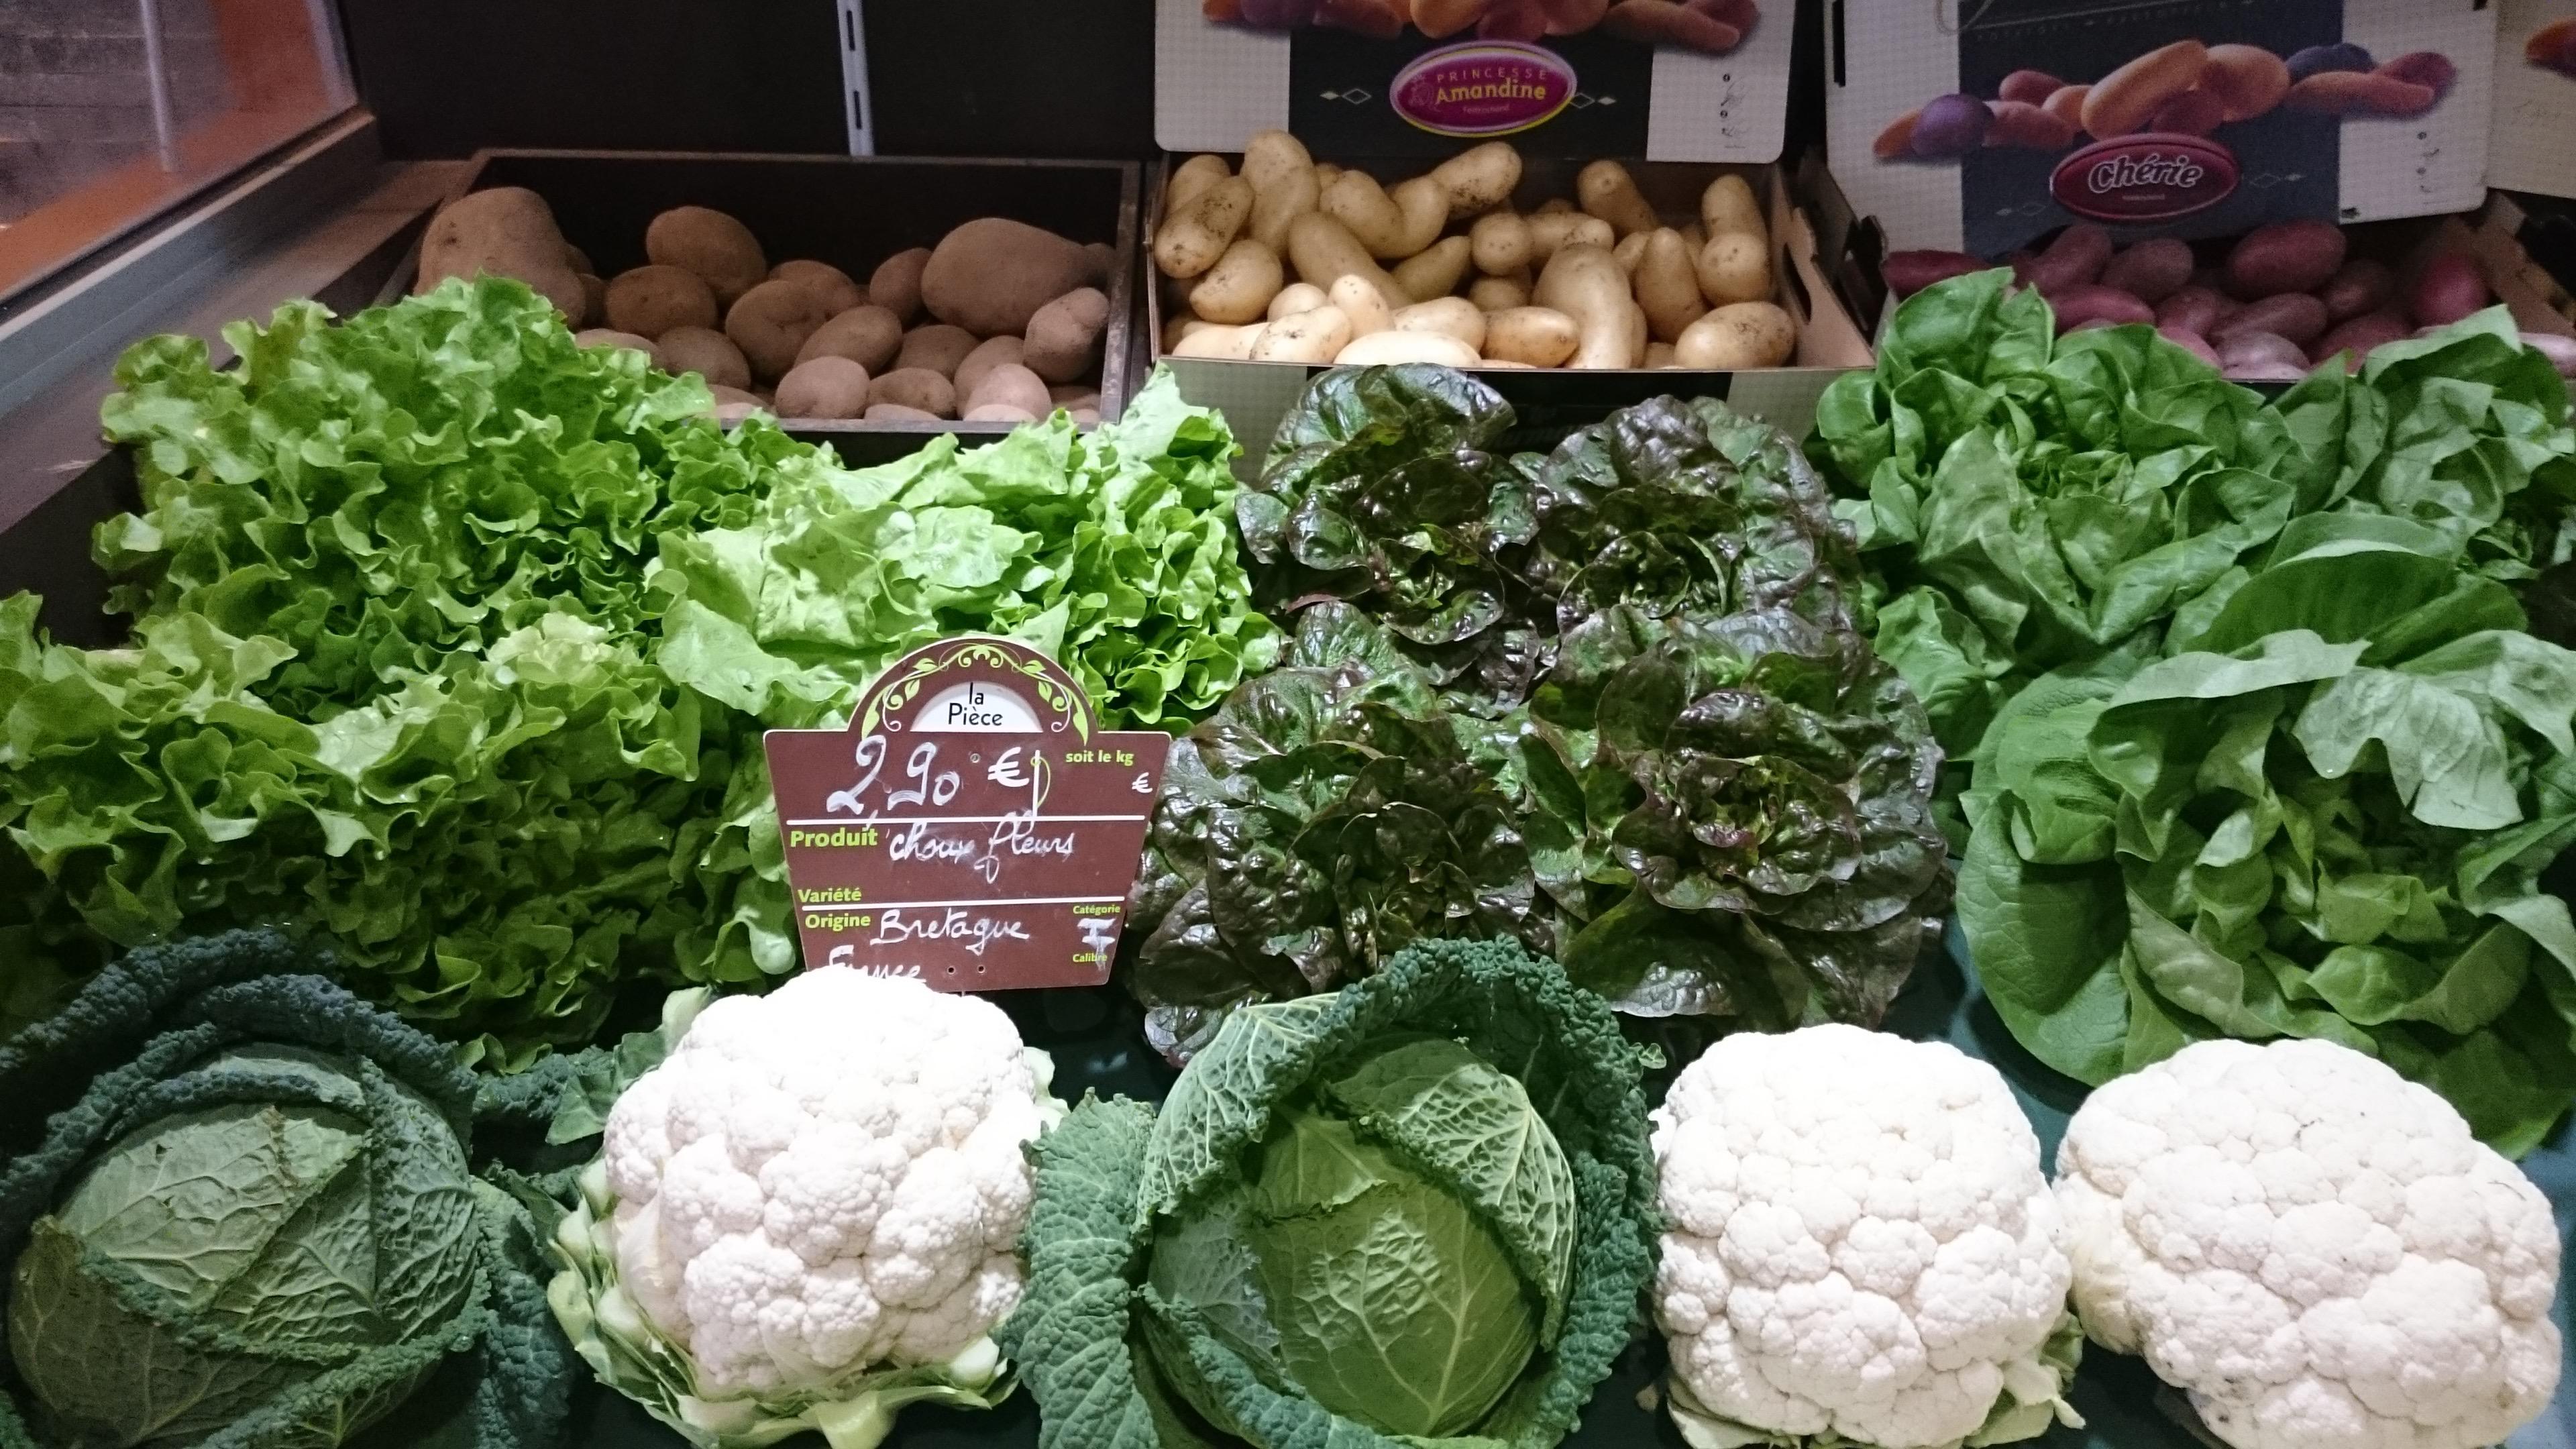 Yiyecek Üreticisi Şirketlerinin Bilmemizi İstemediği 10 Şey